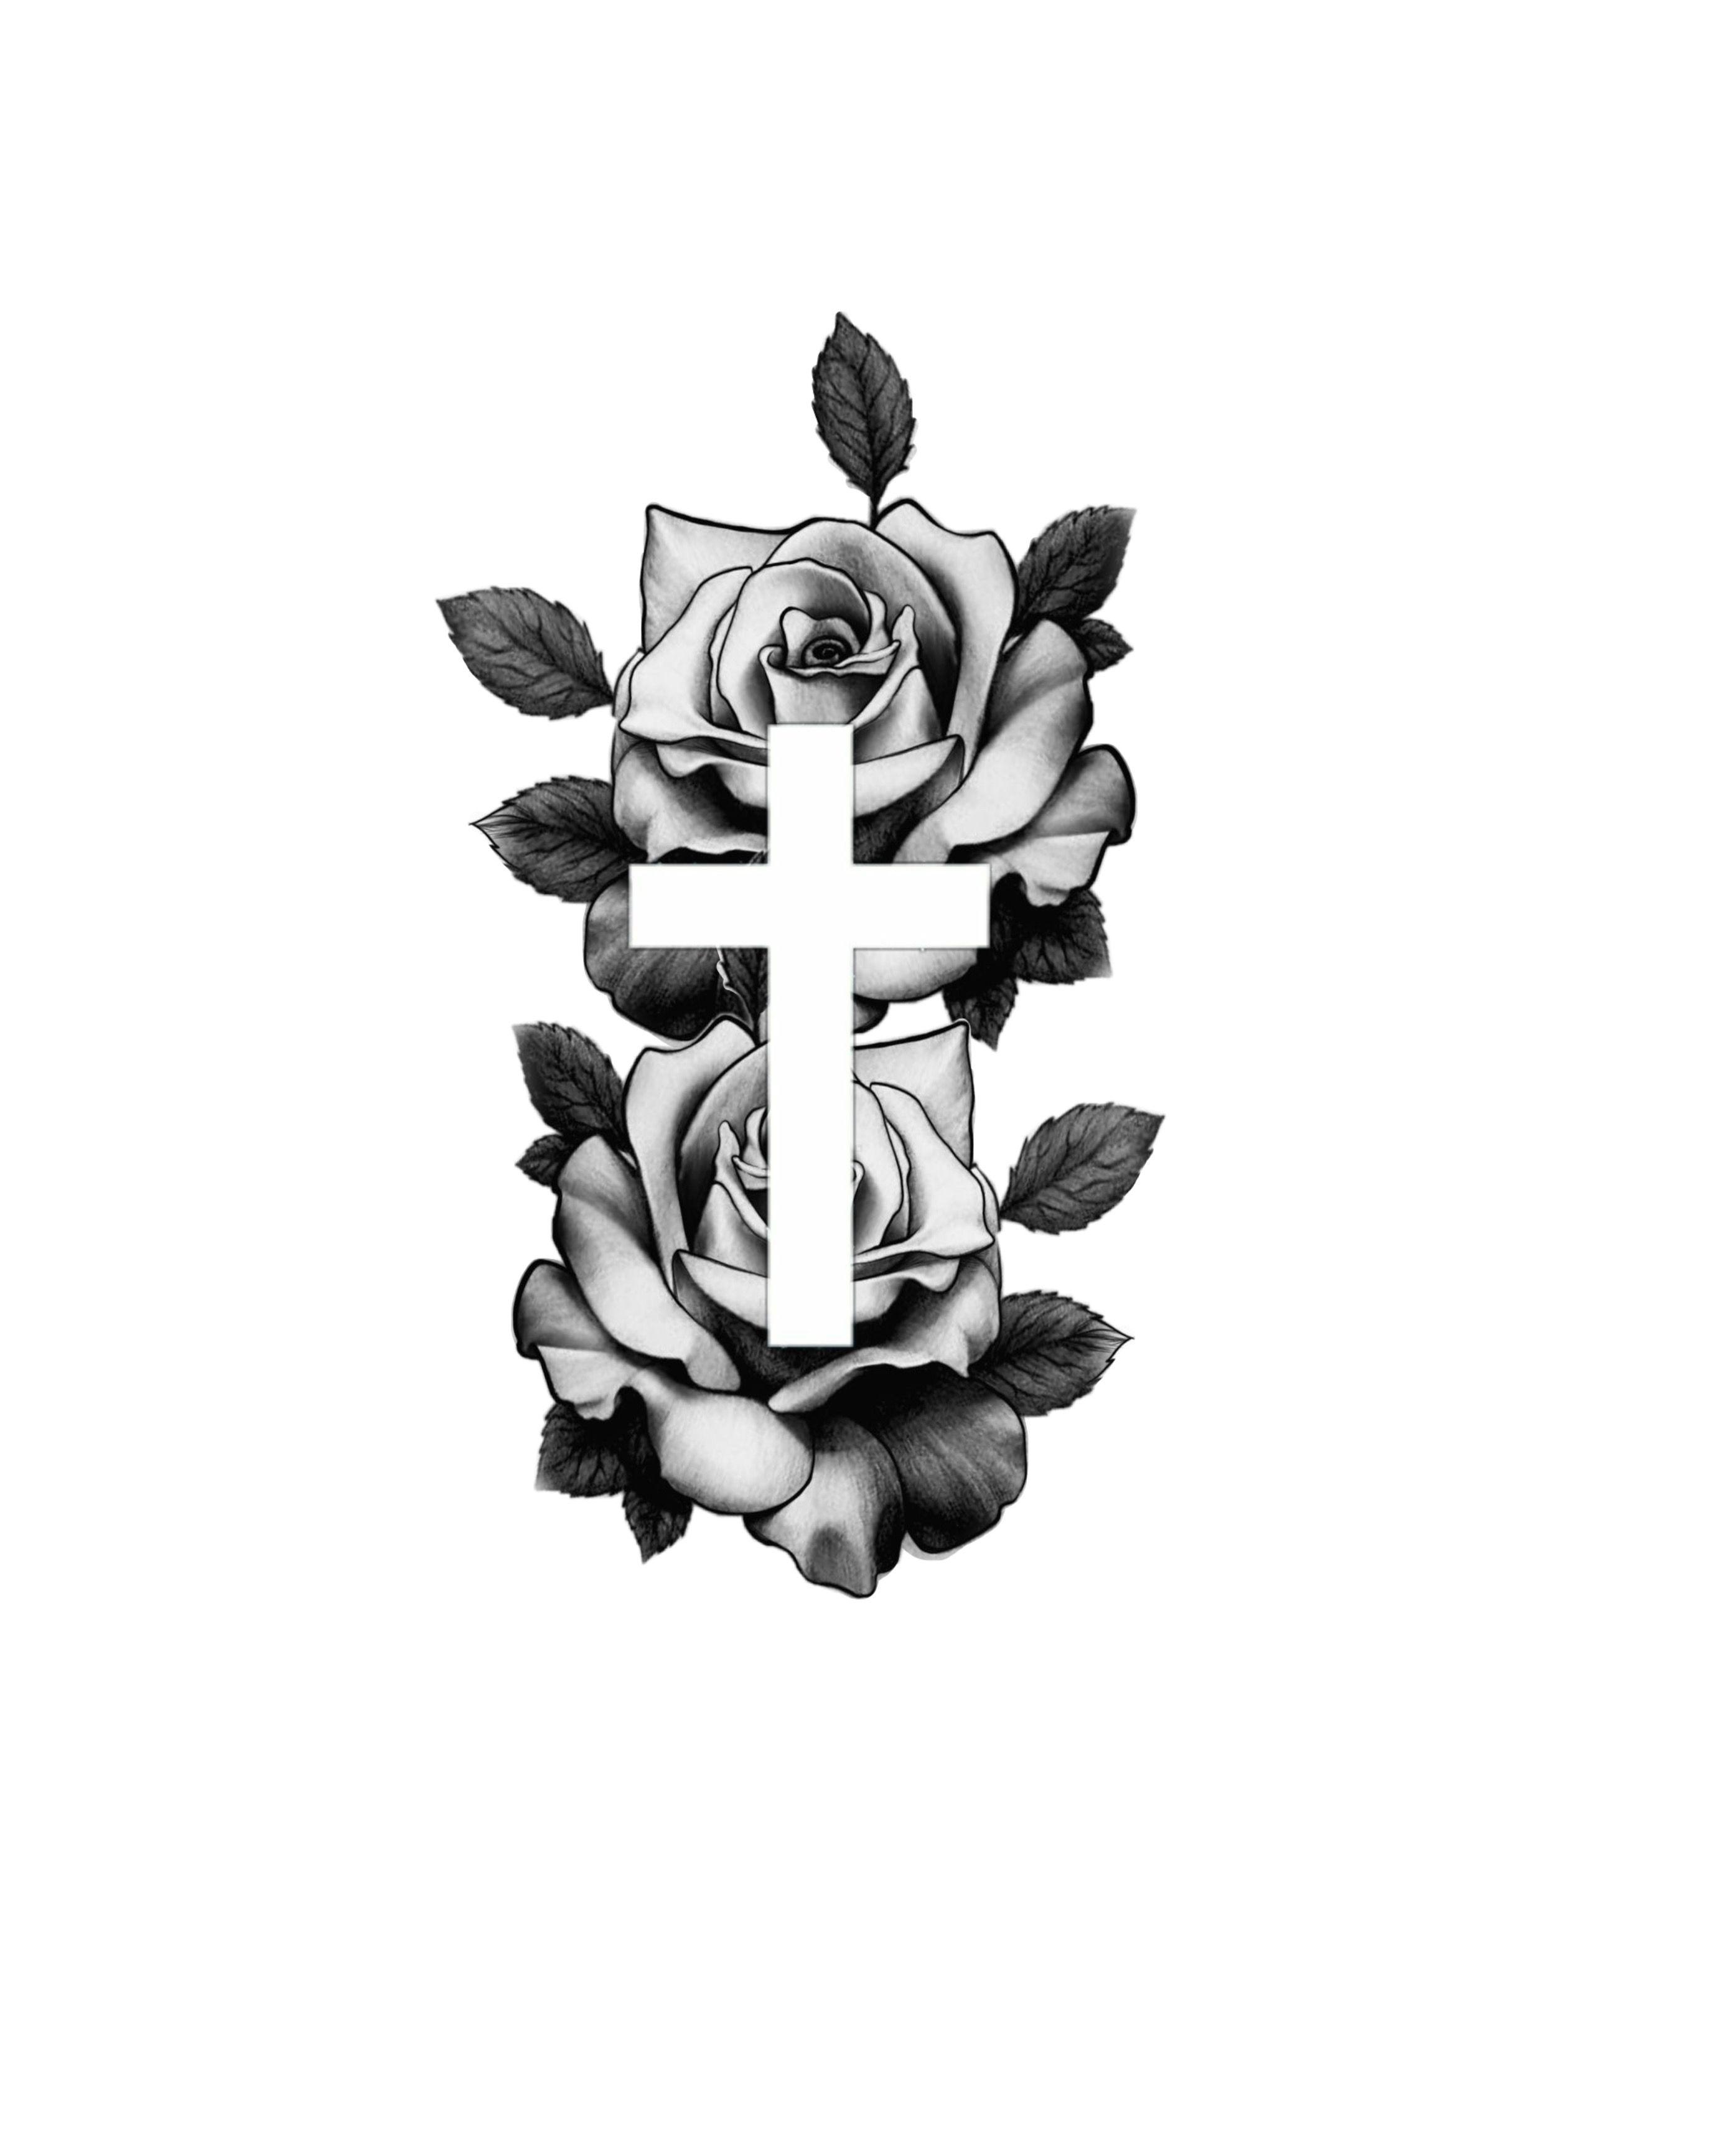 Criei Algo Incrivel Com Picsart De Uma Olhada Https Picsart App Link G Em 2020 Tatuagem Masculina Antebraco Tatuagem Masculina Braco Tatuagem De Frases No Antebraco